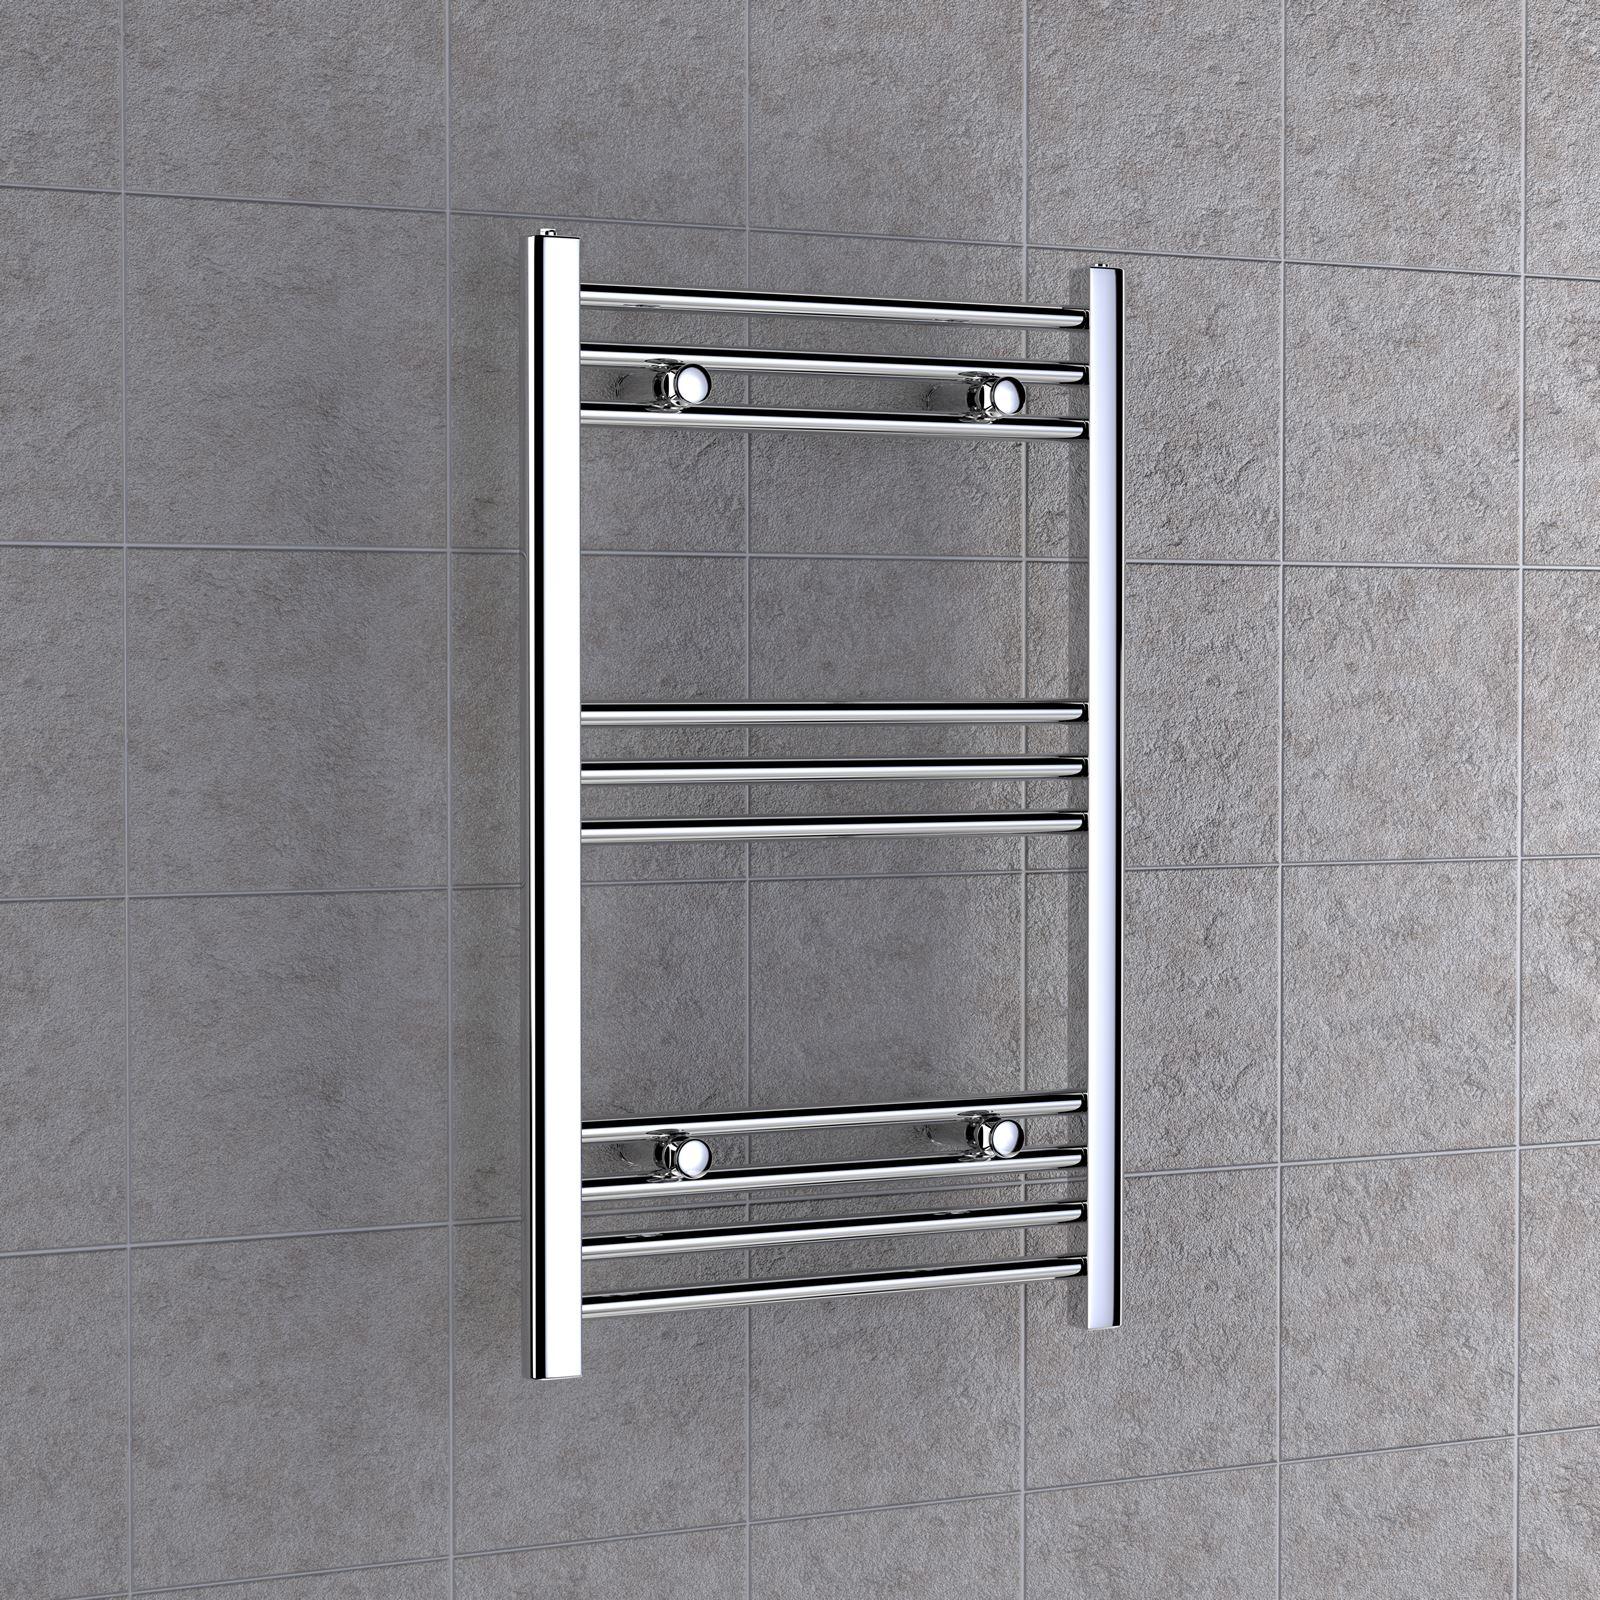 Toallero radiador para ba o o cocina en acero cromado - Toallero cromado para bano ...